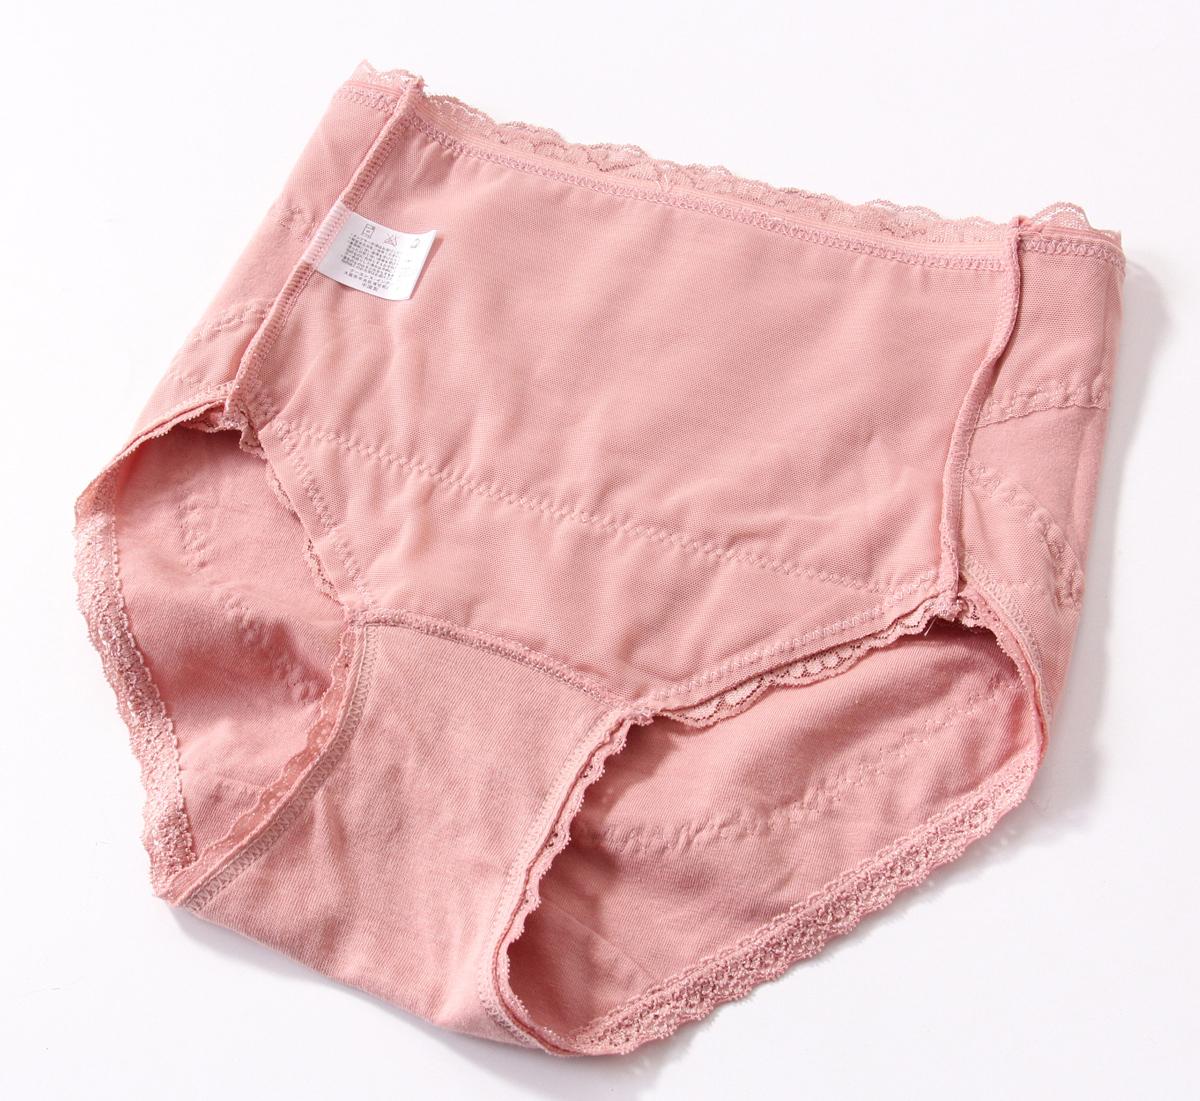 氨棉女士中腰内裤内网纱收腹提臀舒适轻薄弹力夏季女内裤有大码